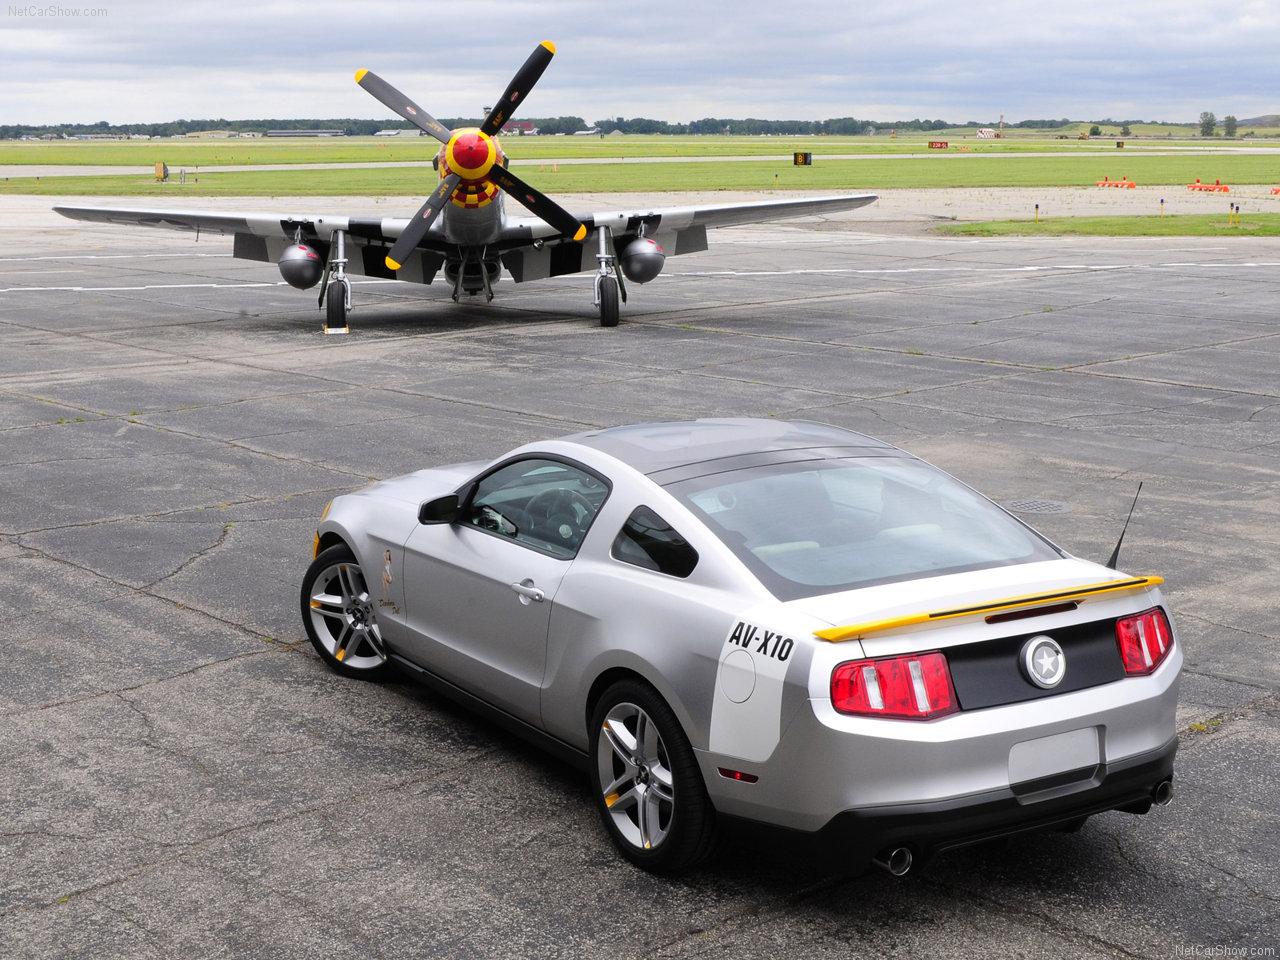 http://3.bp.blogspot.com/-m9QO9d8uG7I/TXNxlI0JxzI/AAAAAAAADIM/HCdRNBt8Jnw/s1600/Ford-Mustang_AV-X10_2010_1280x960_wallpaper_04.jpg